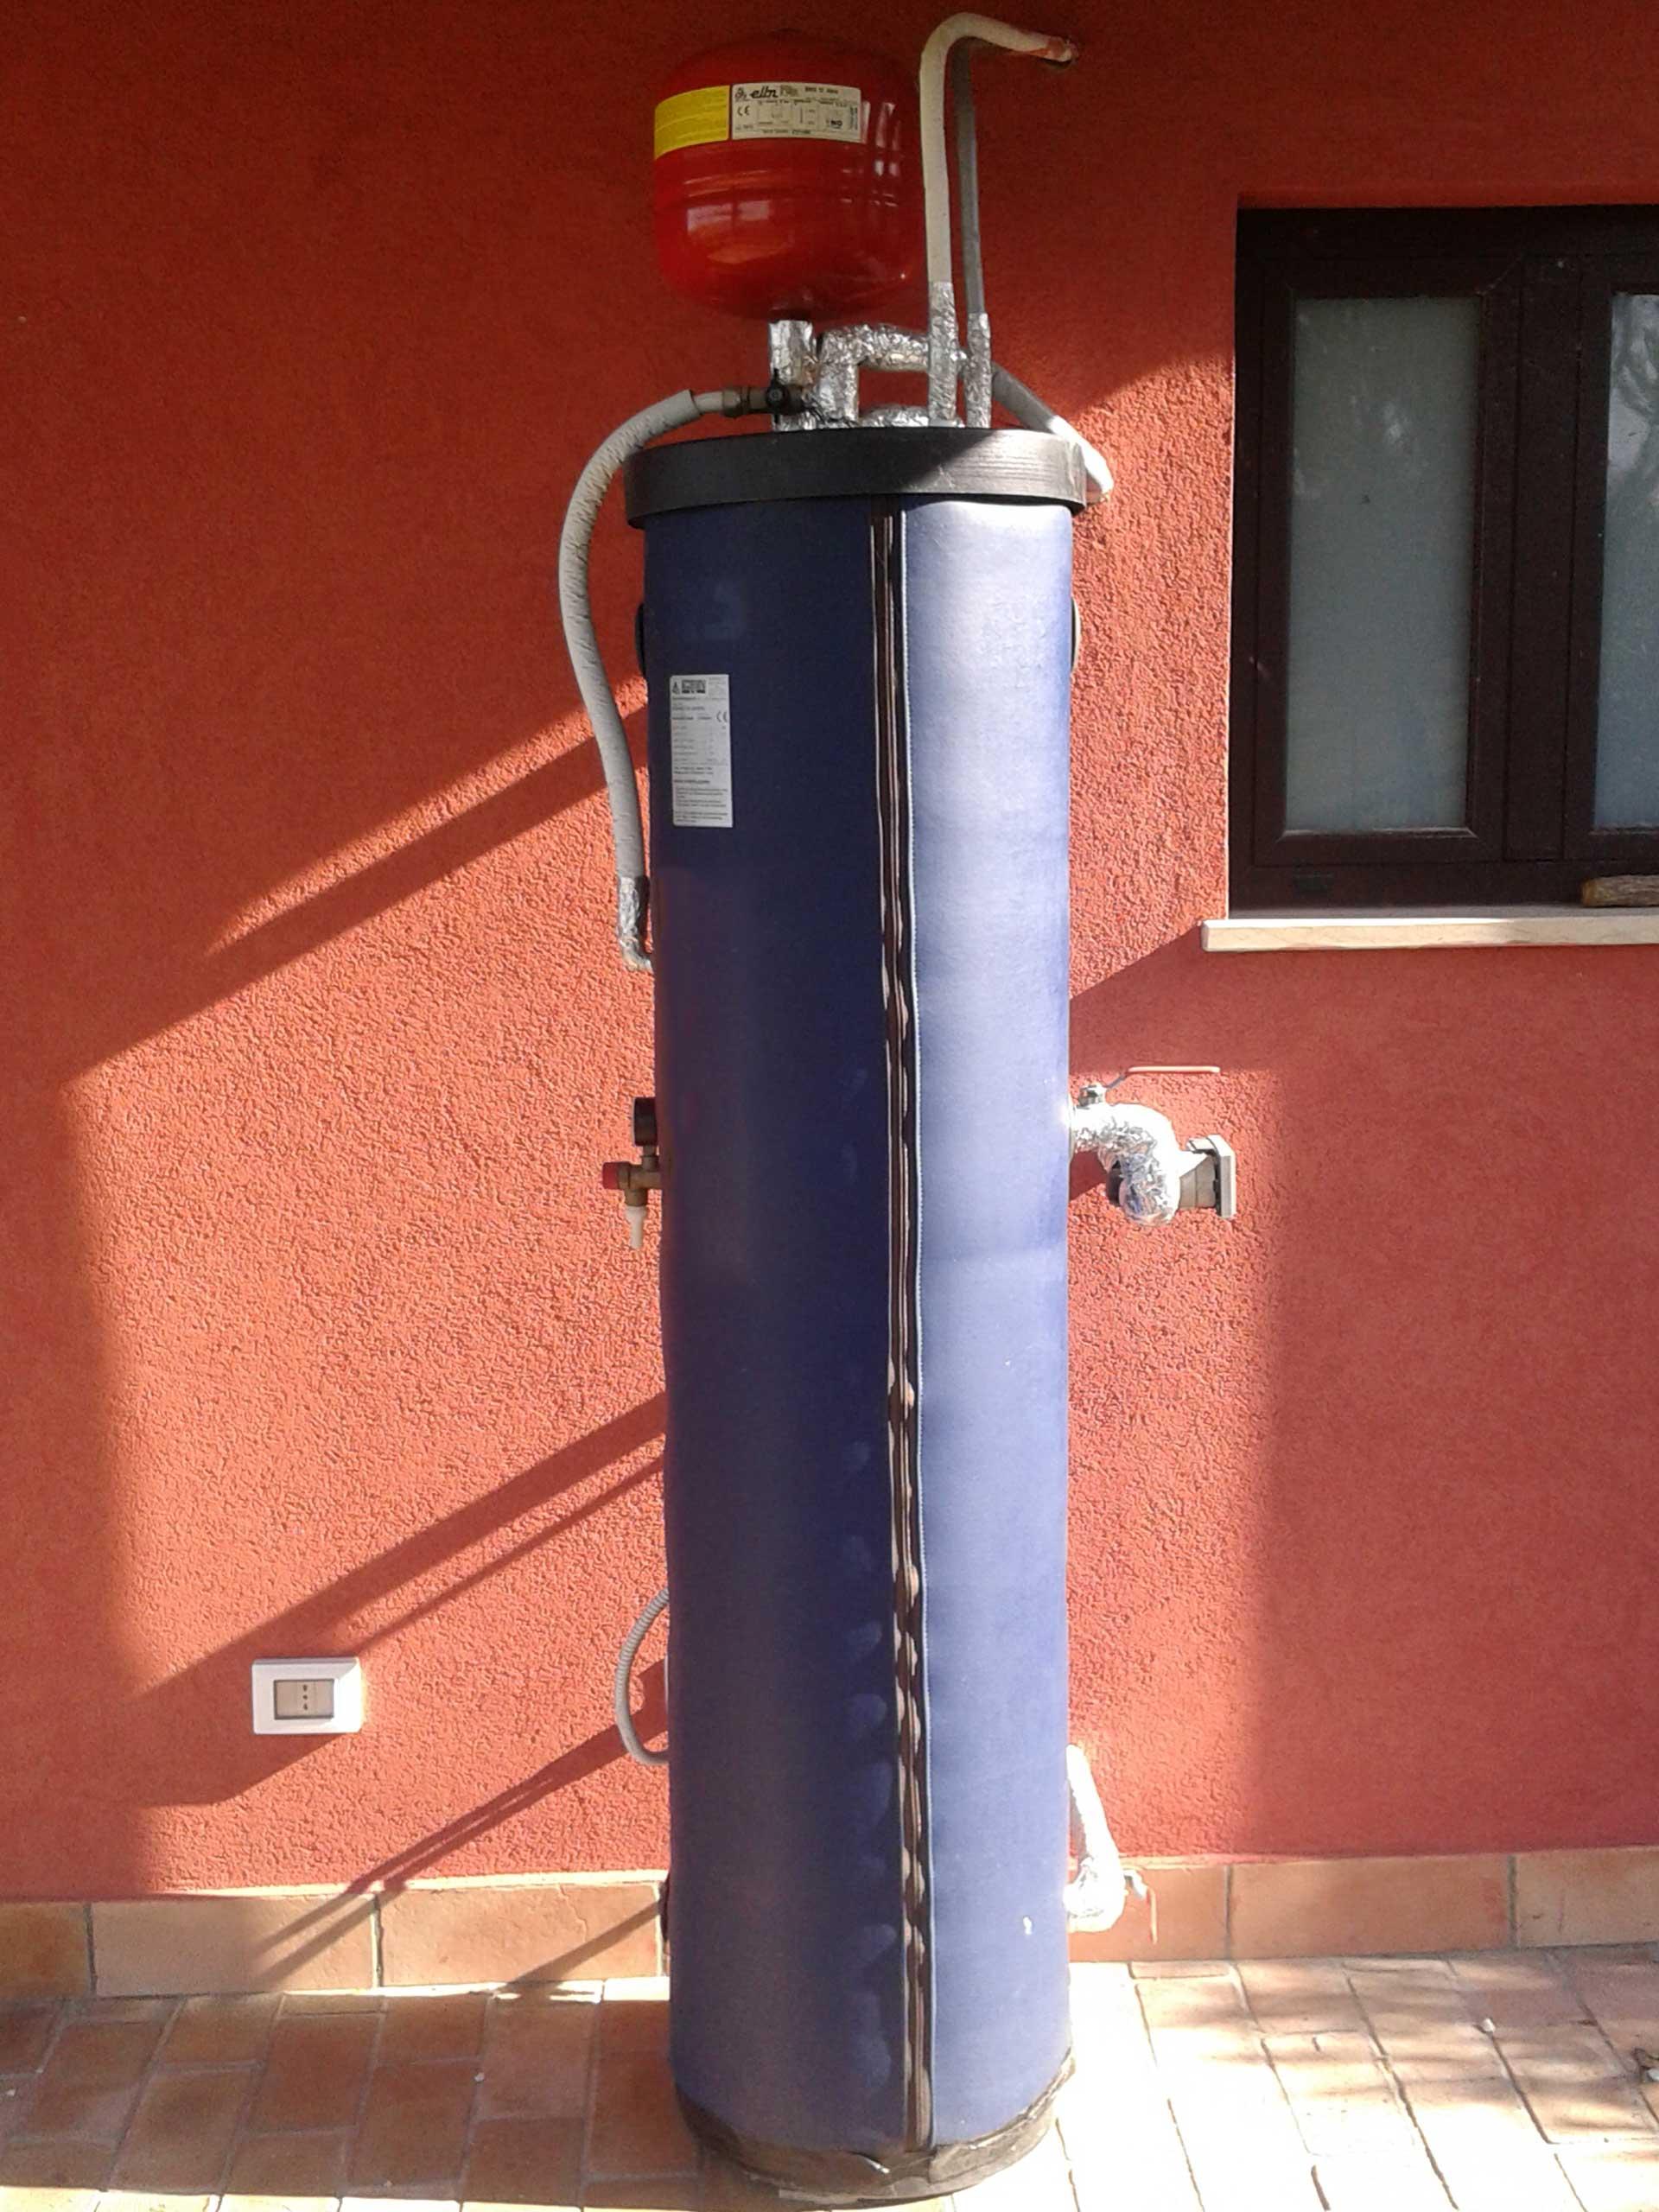 Risparmio bolletta pompa di calore